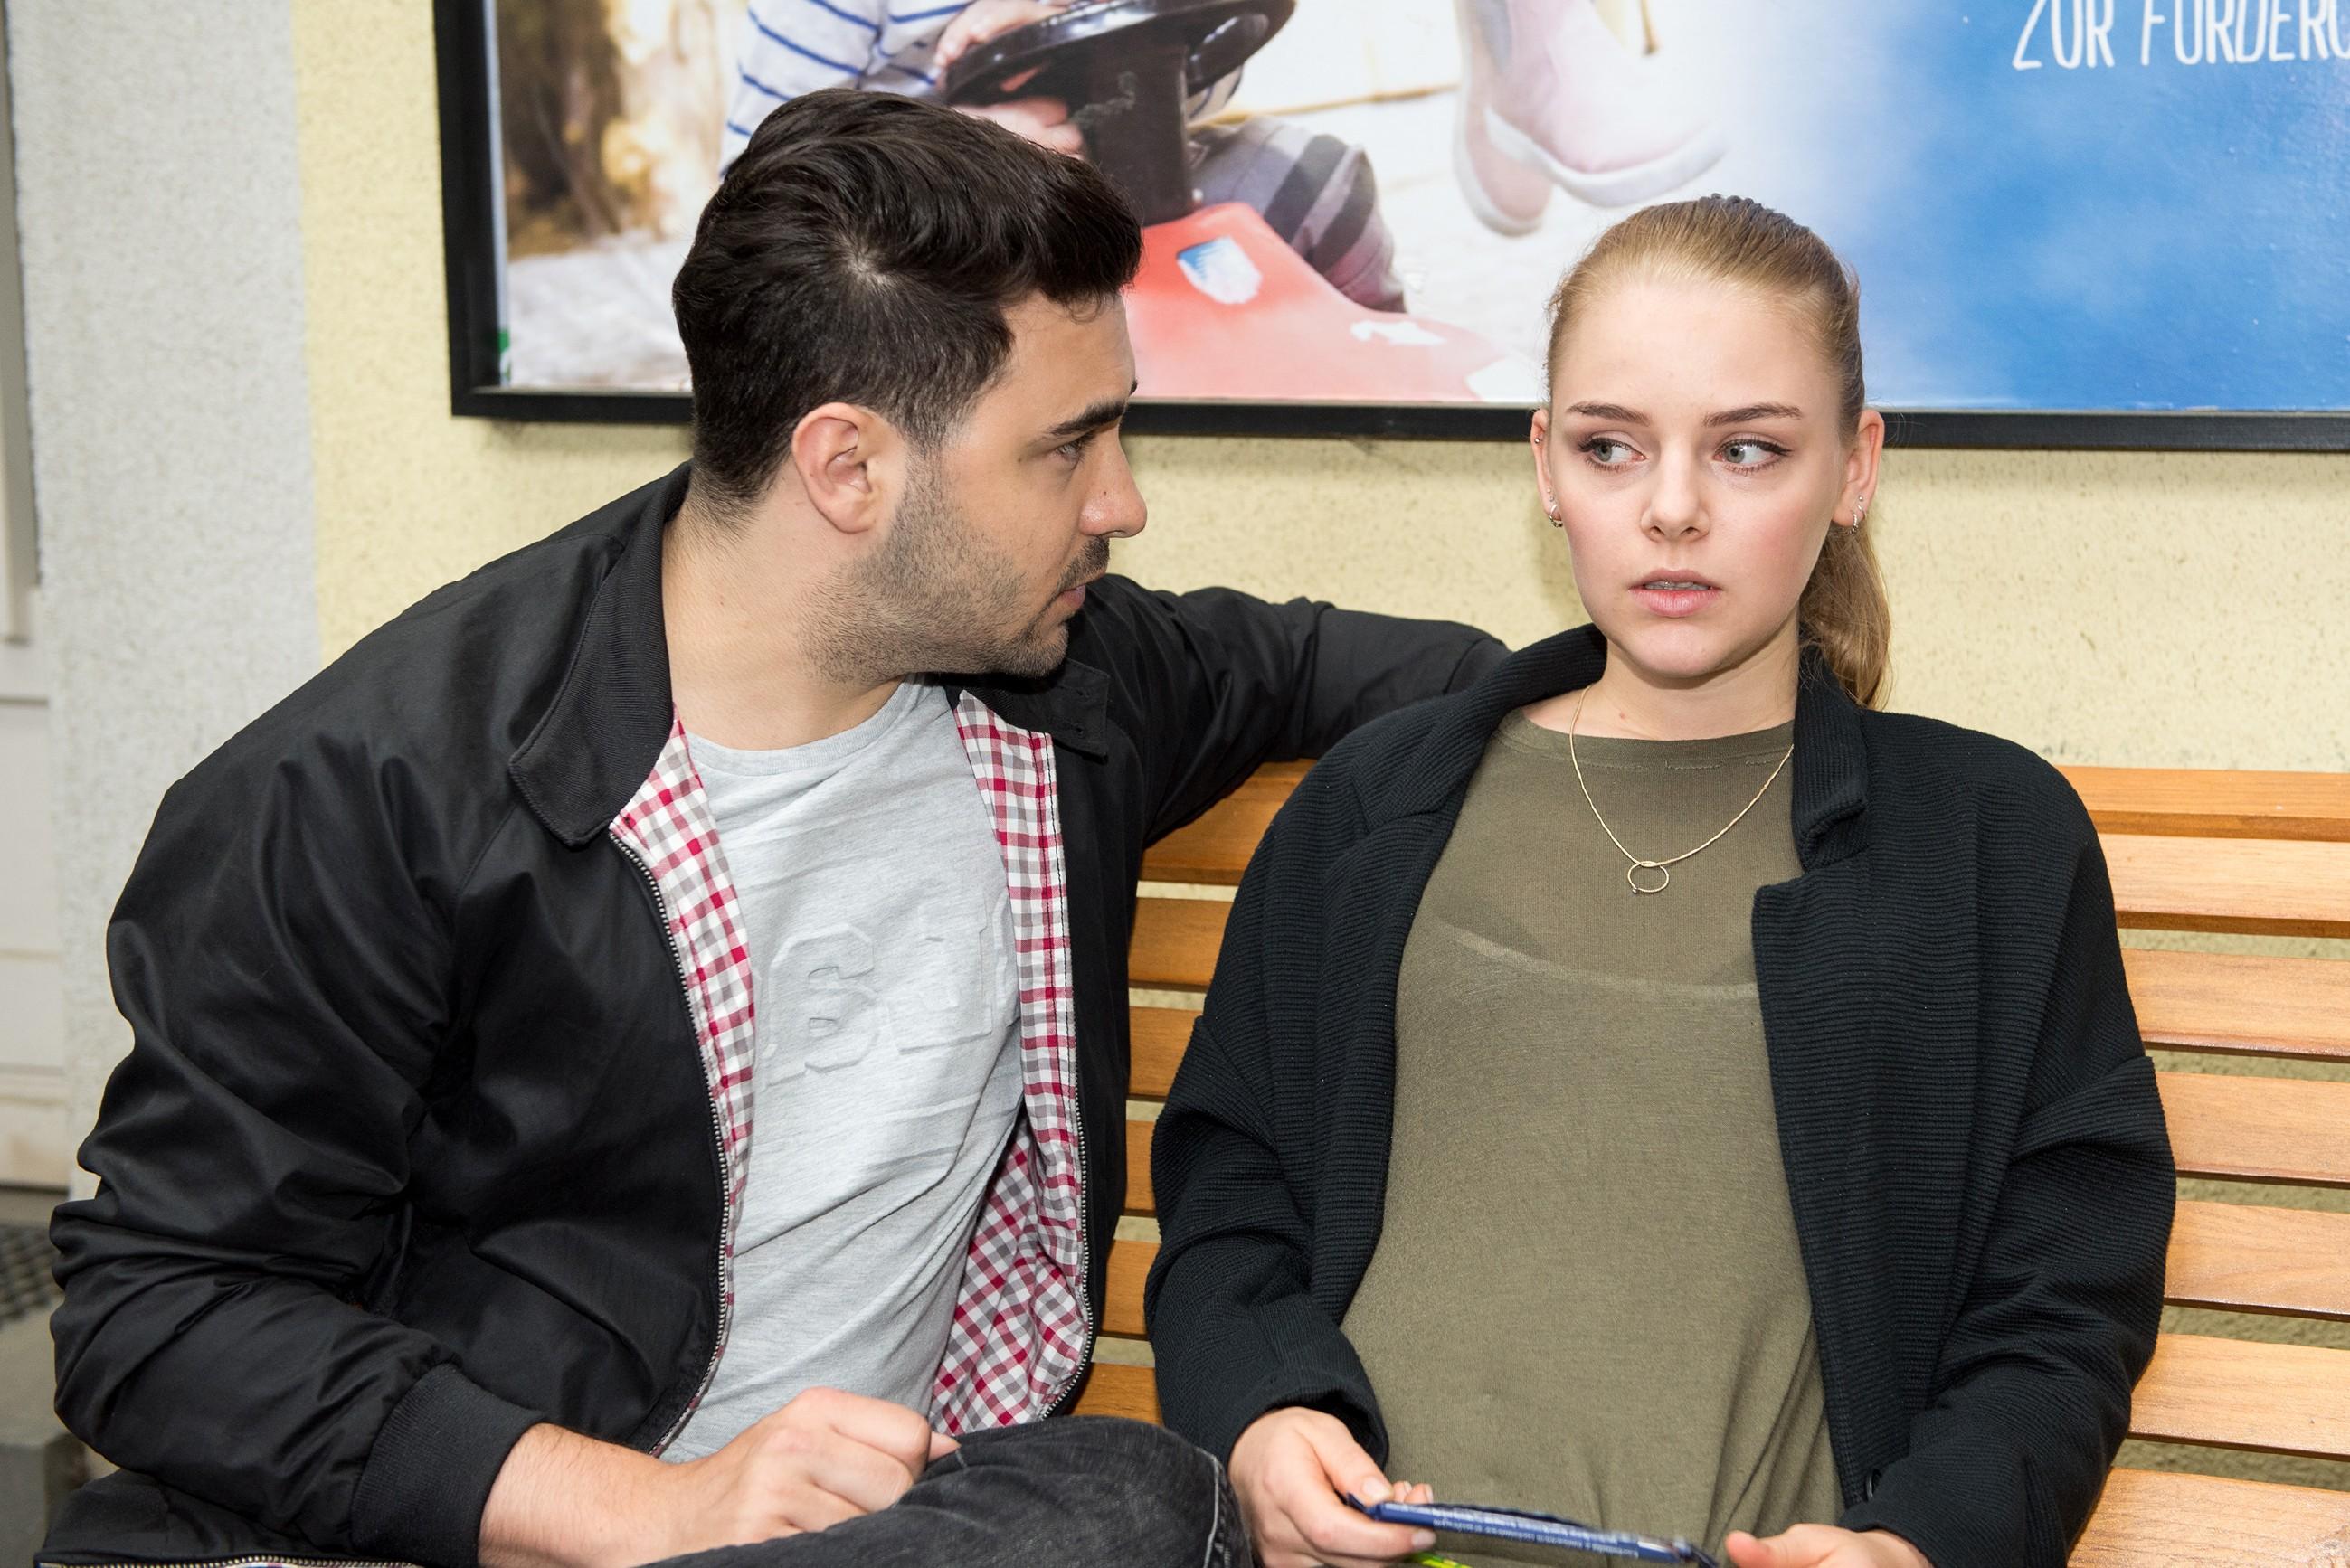 Wird Fiona (Olivia Burkhart) es schaffen, Easy (Lars Steinhöfel) ins Vertrauen zu ziehen? (Quelle: RTL / Stefan Behrens)